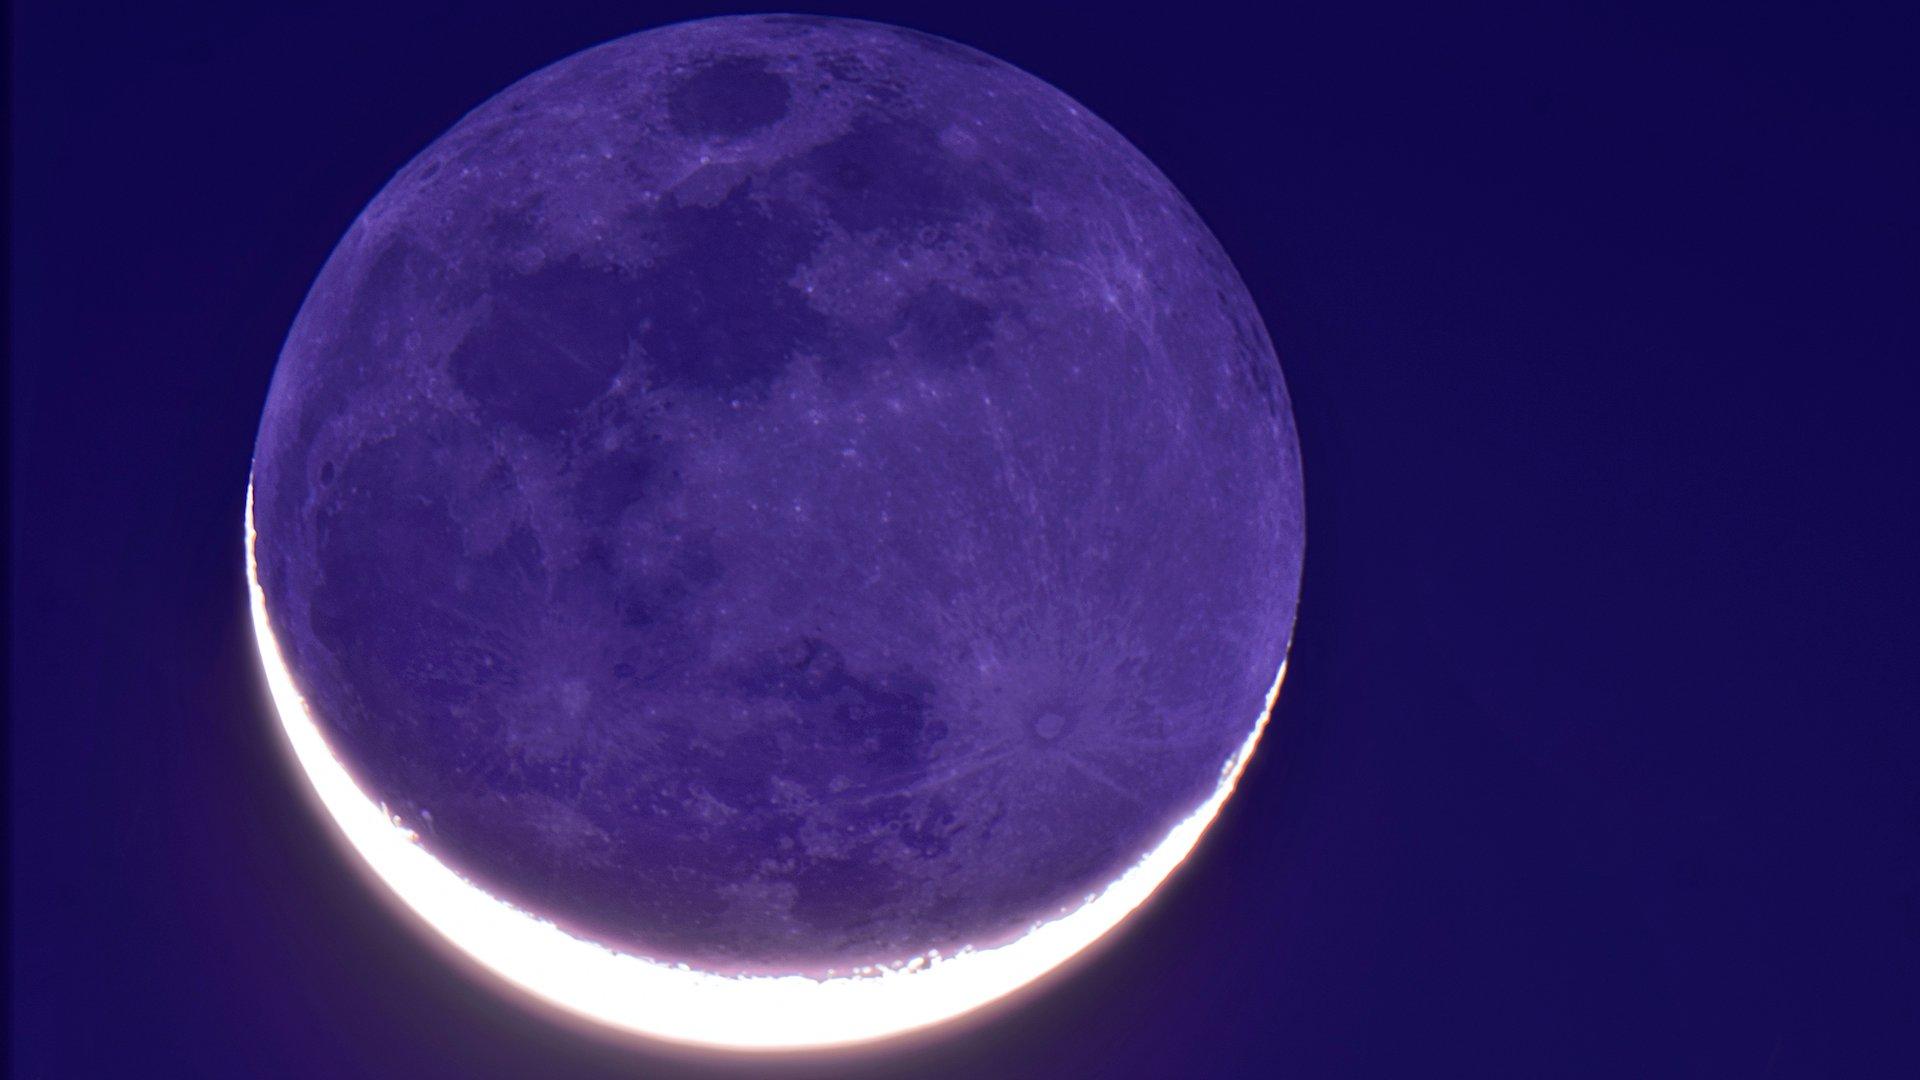 El 18 de agosto de 2020 llega la próxima luna nueva